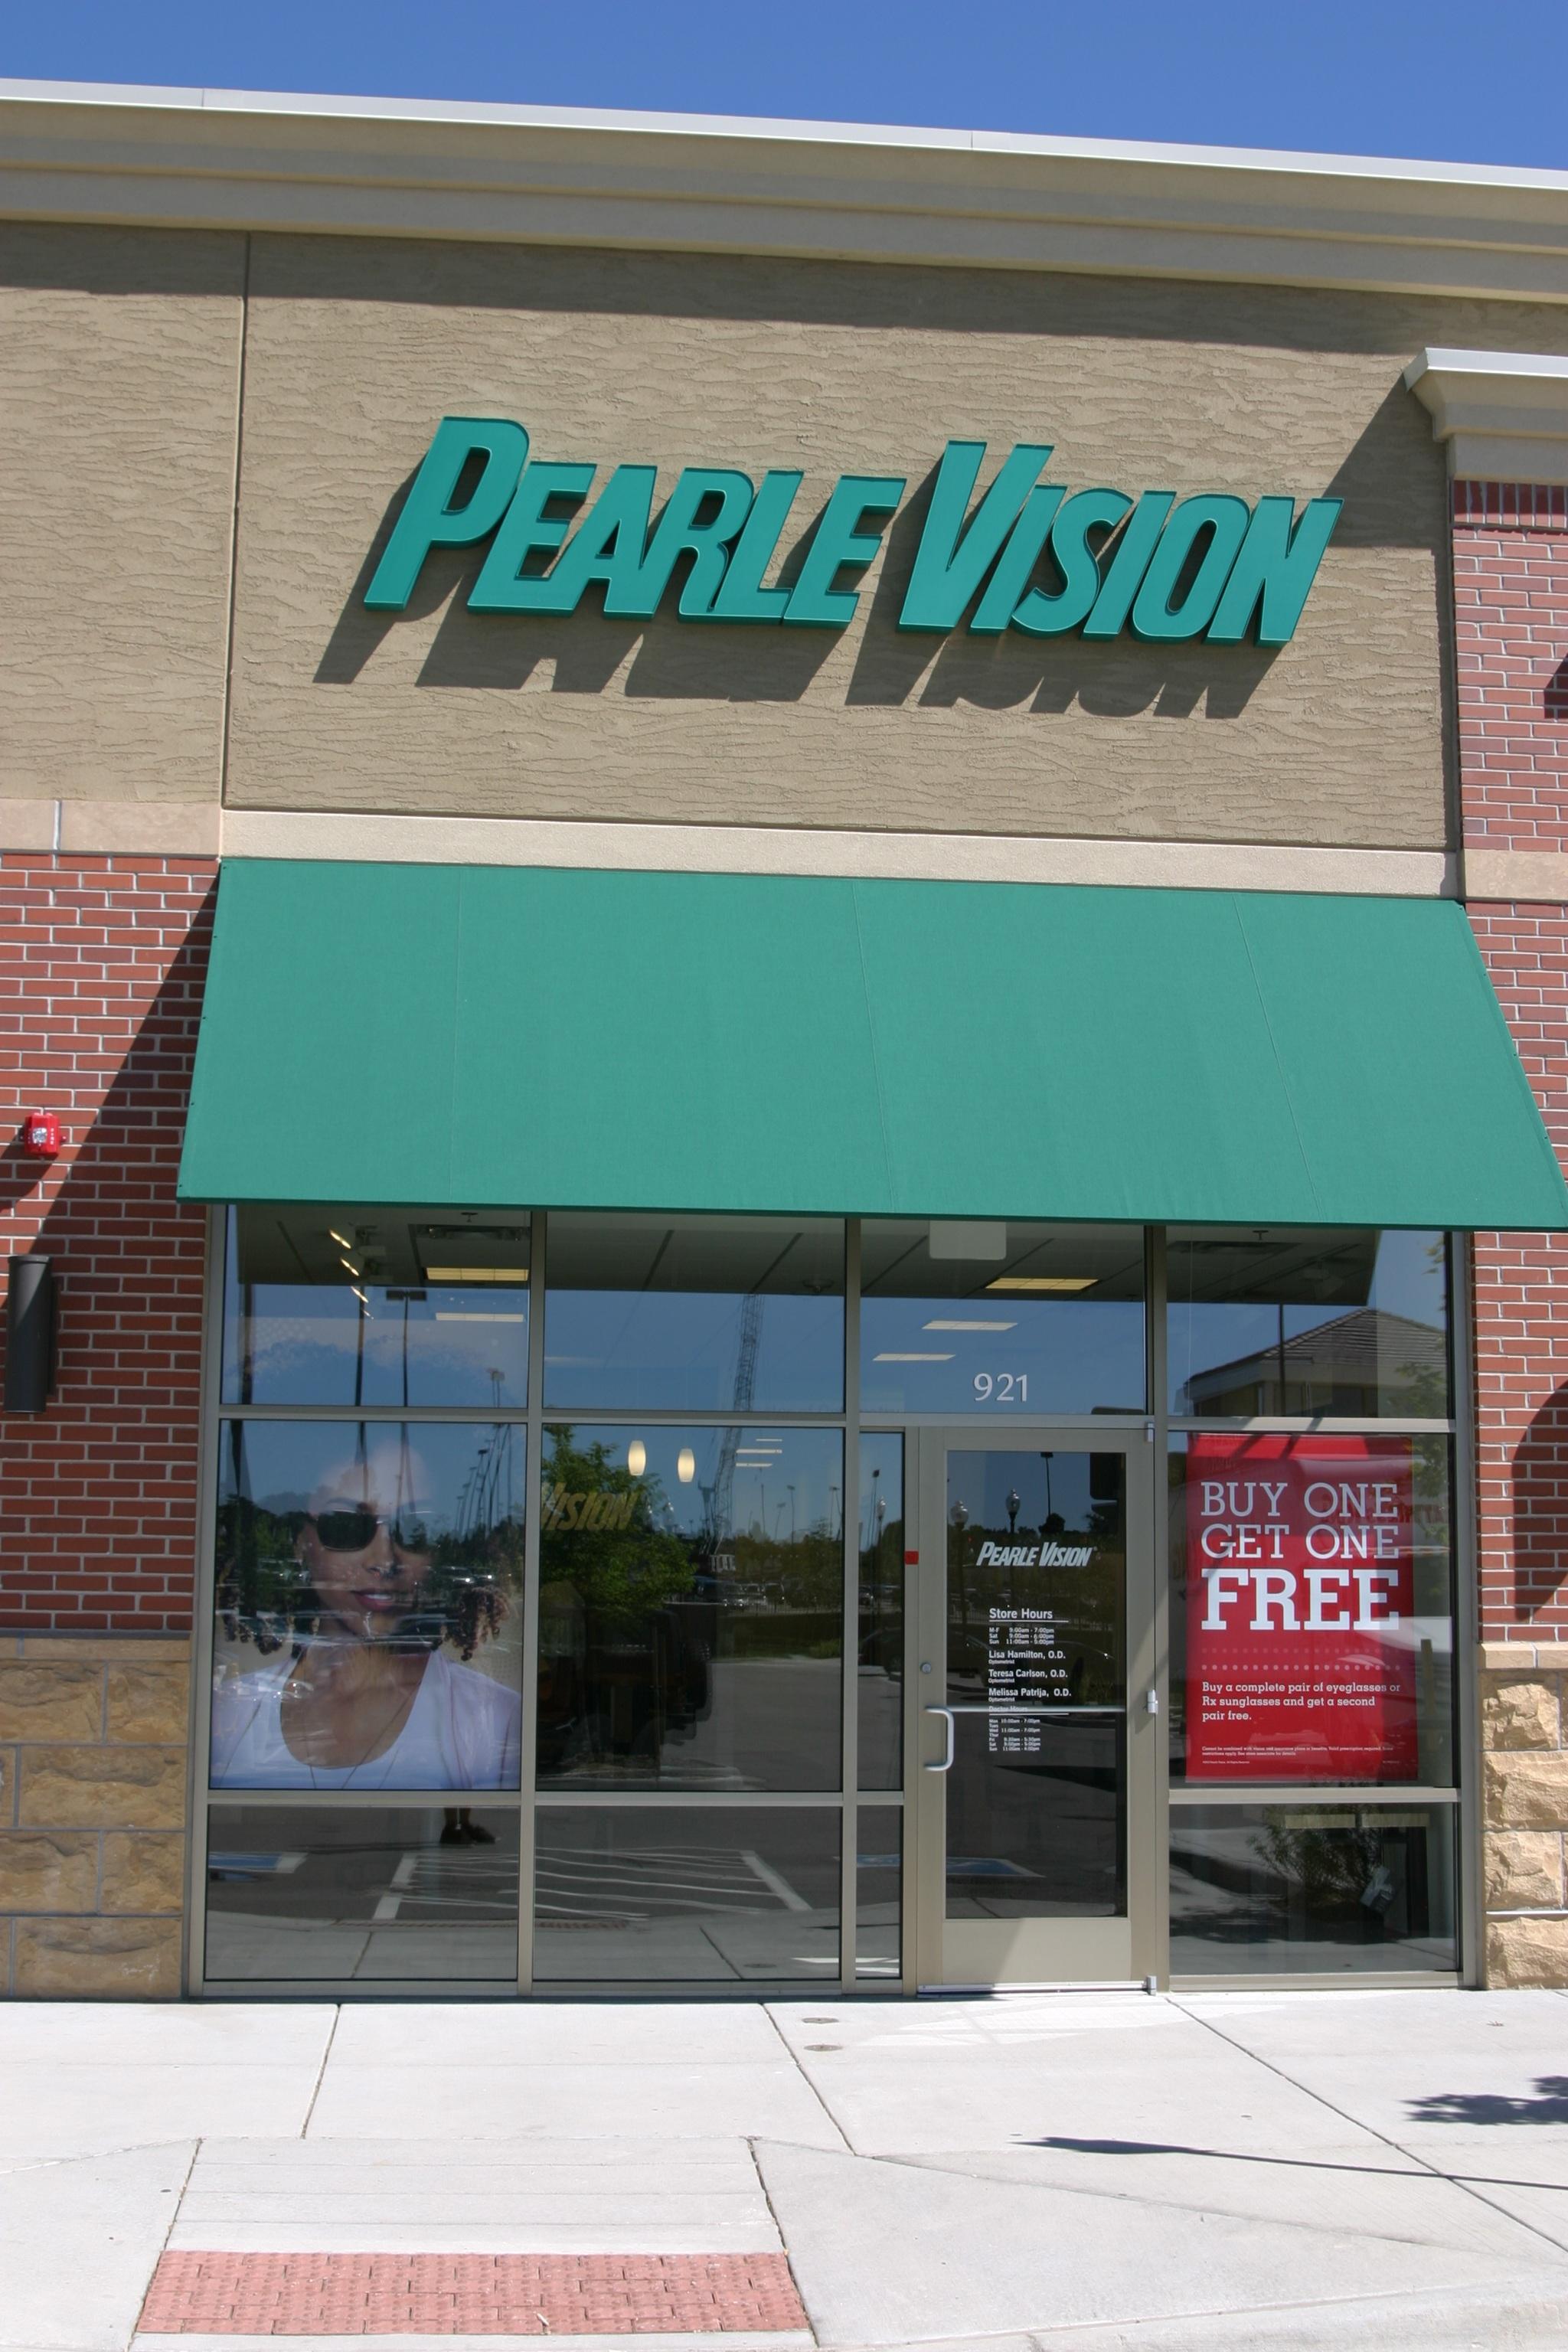 23e4c05a75e Pearle Vision Eye Care Center in Centennial